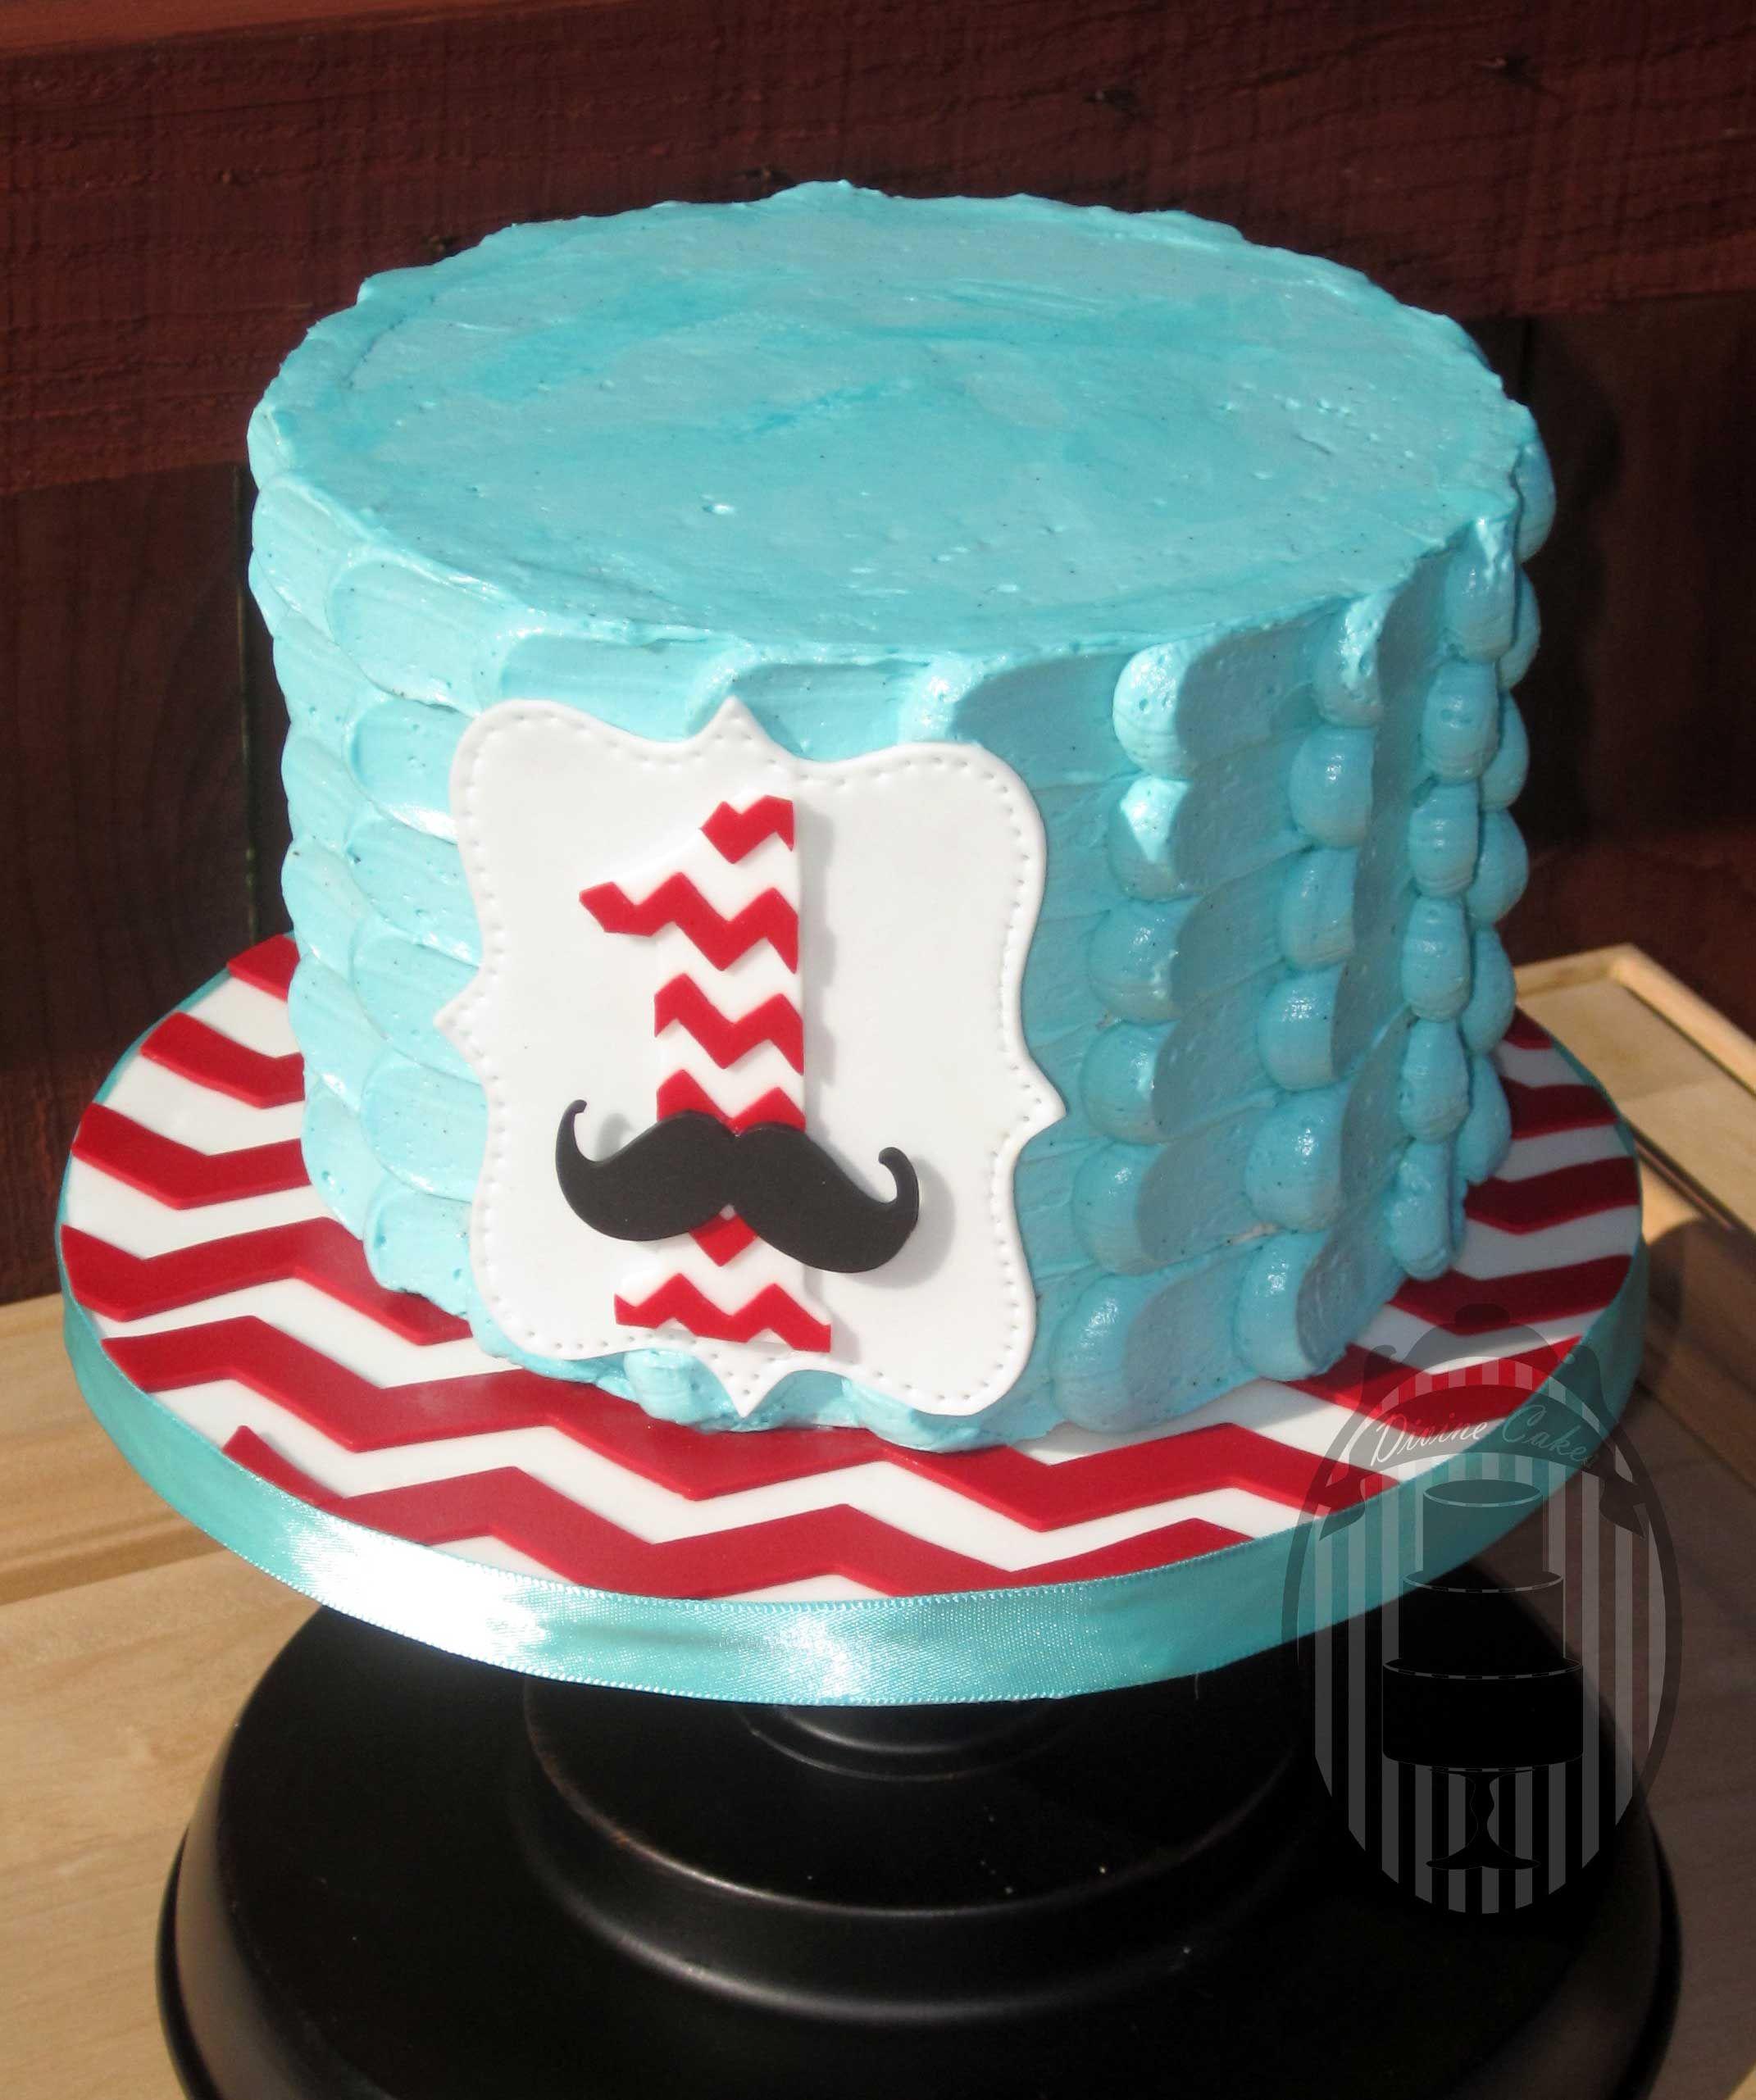 Birthday Cakes Saying Philipa